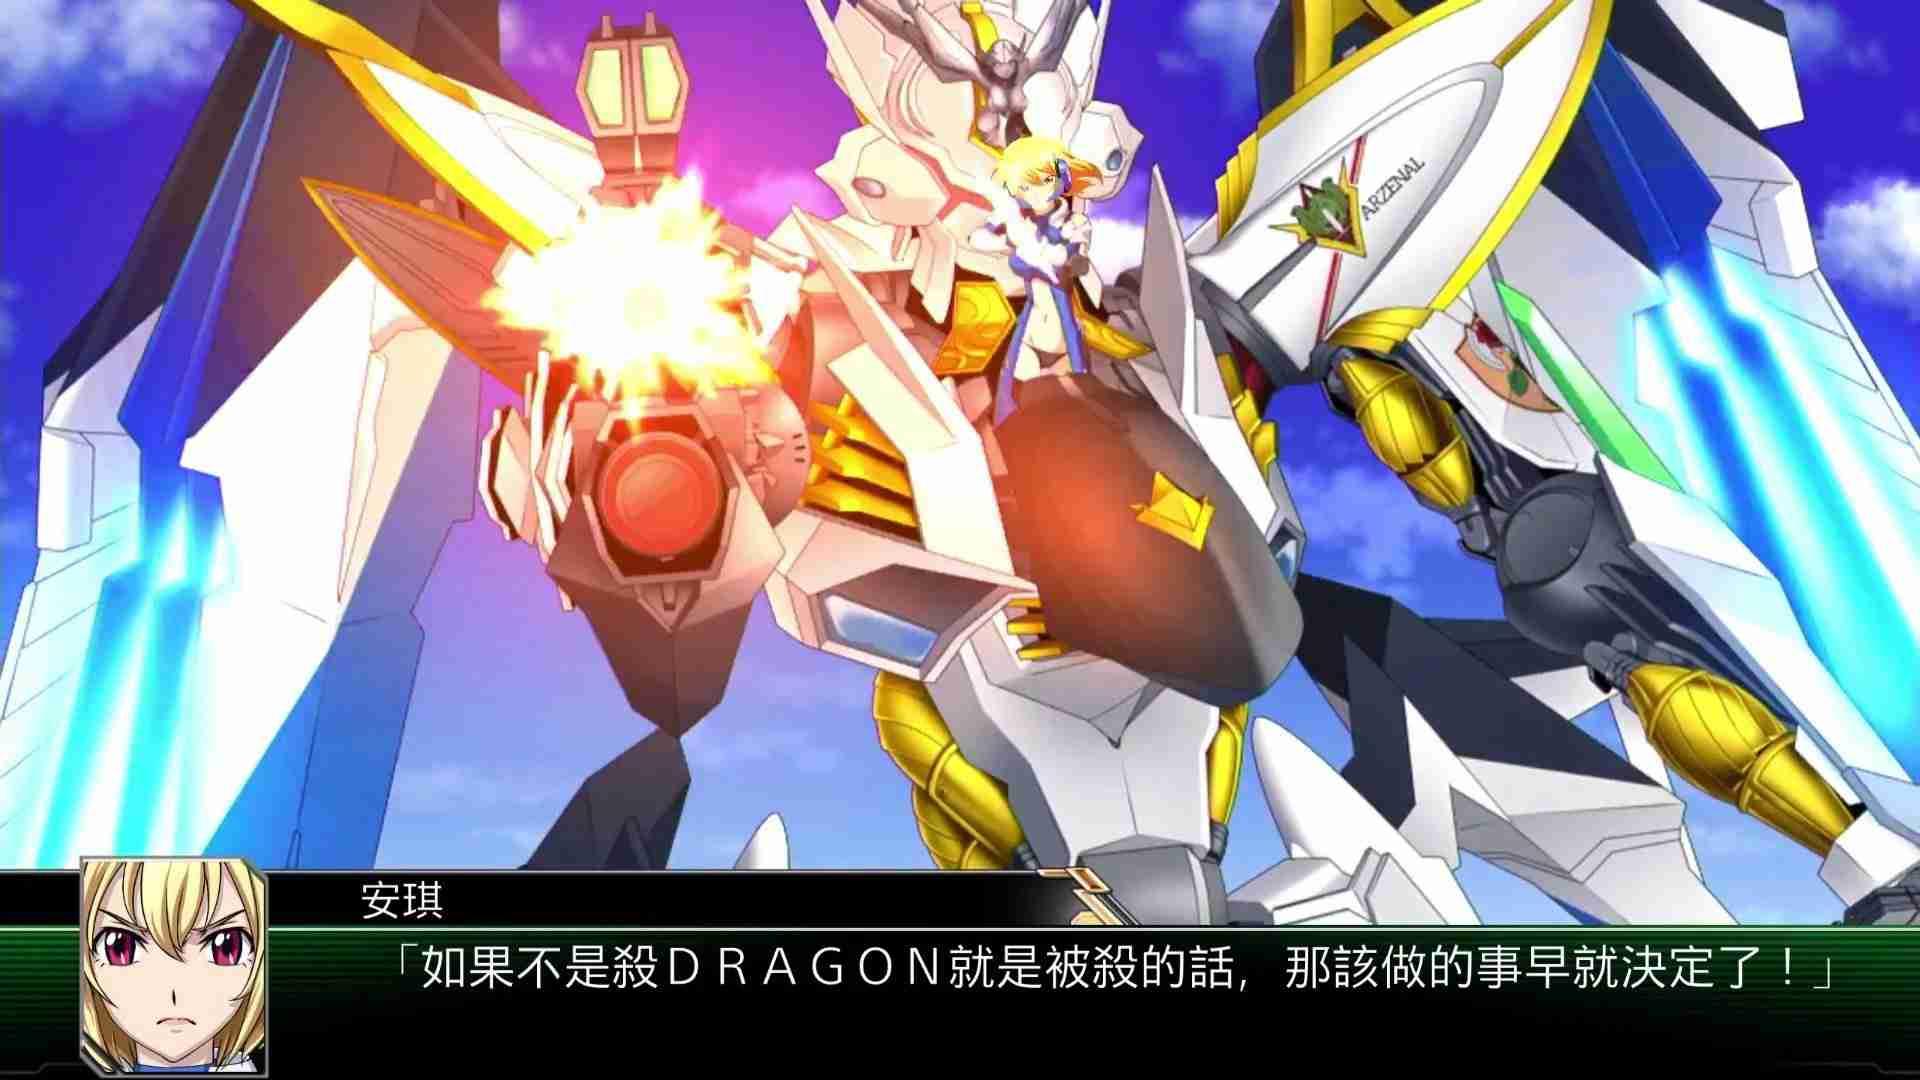 超级机器人大战V图片